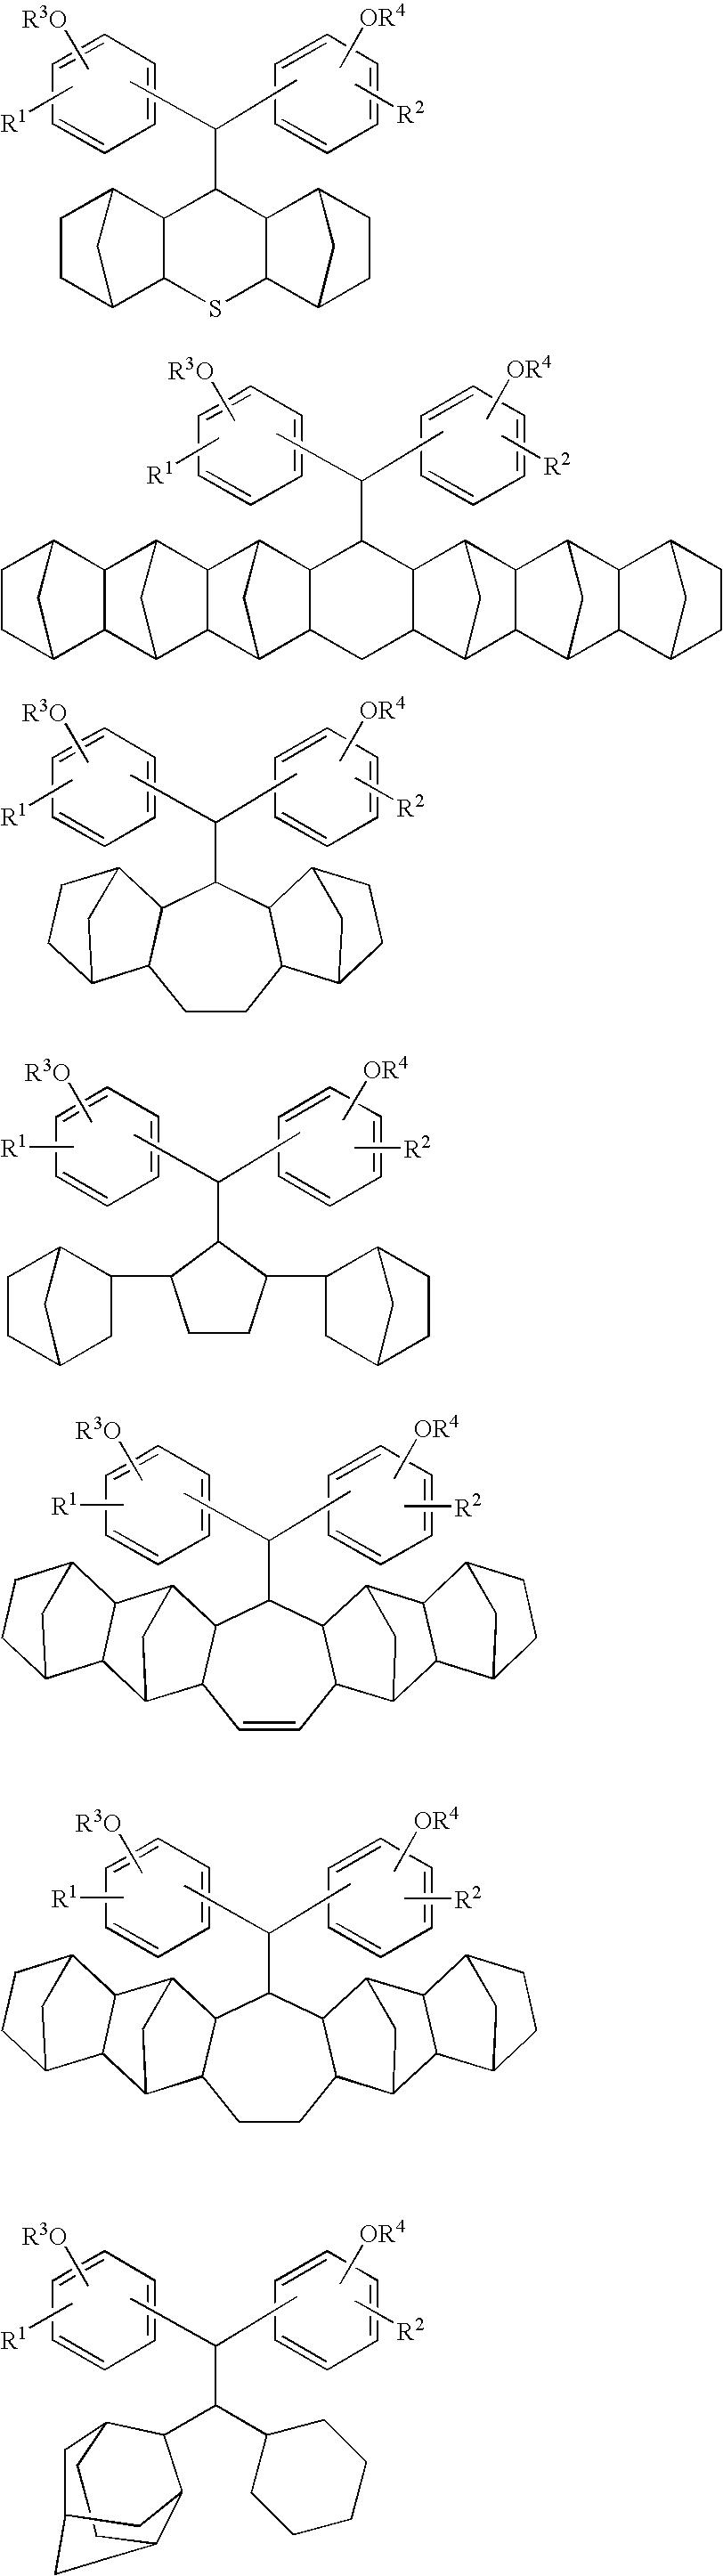 Figure US20070275325A1-20071129-C00013